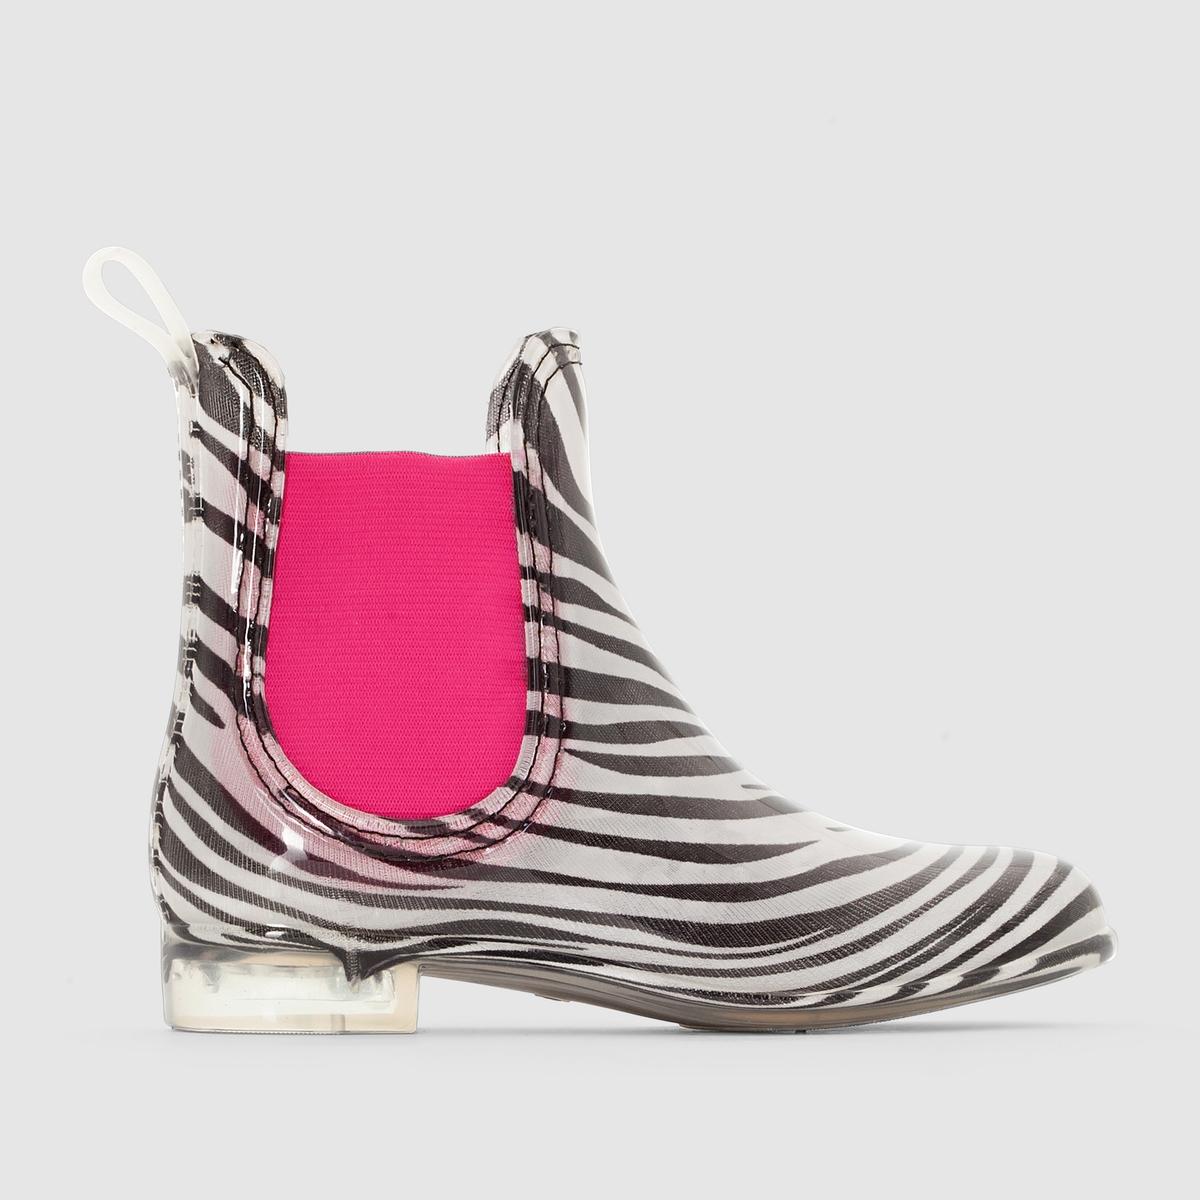 Ботинки с пропиткой от дождя, принт зебра